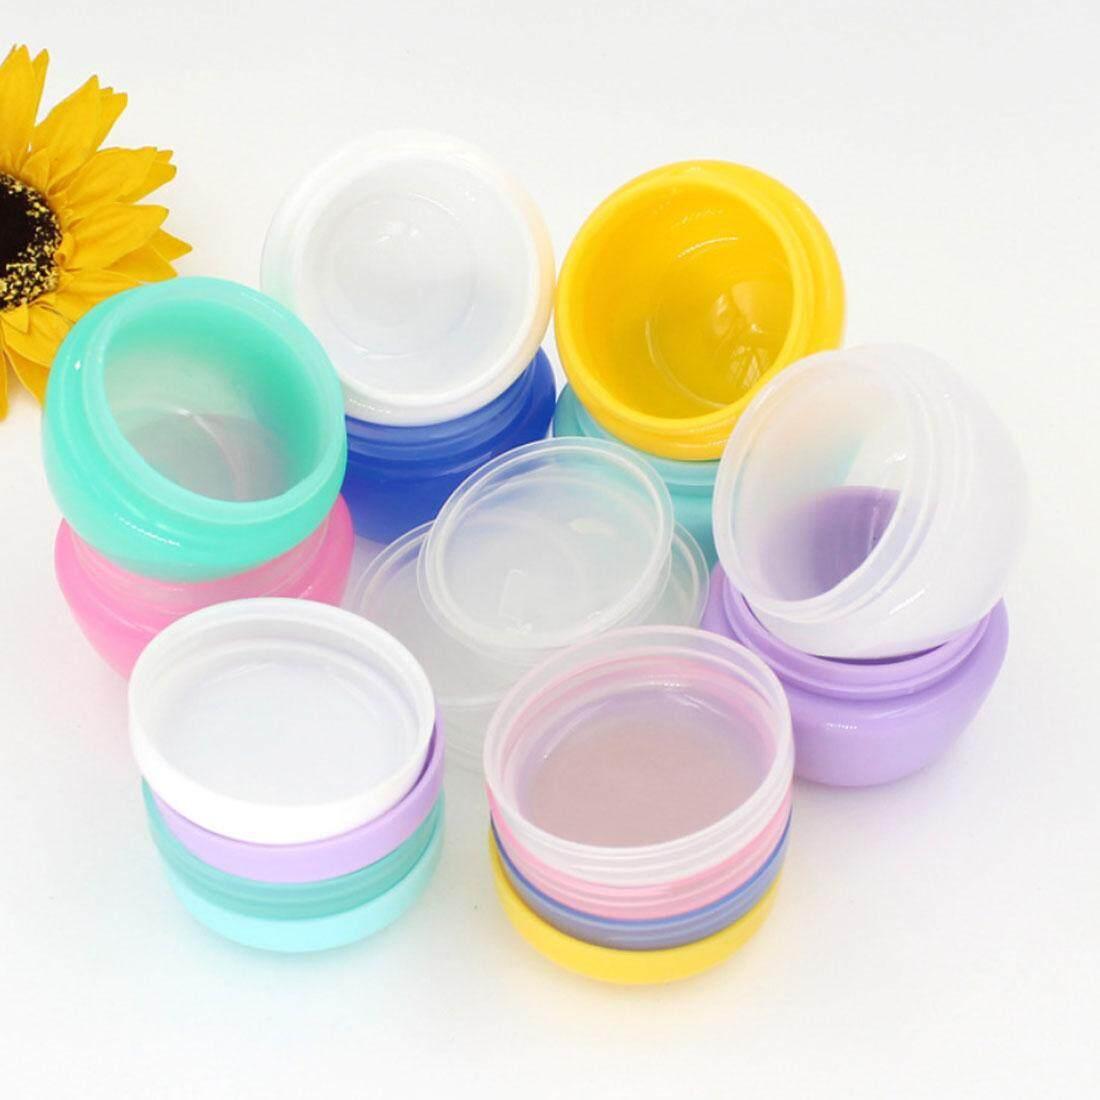 Kosmetik Mini Pot Kosong Pot Radom (Kota) Warna Makeup Tutup Dalam Krim Wajah Bibir Wadah Balsem-Intl